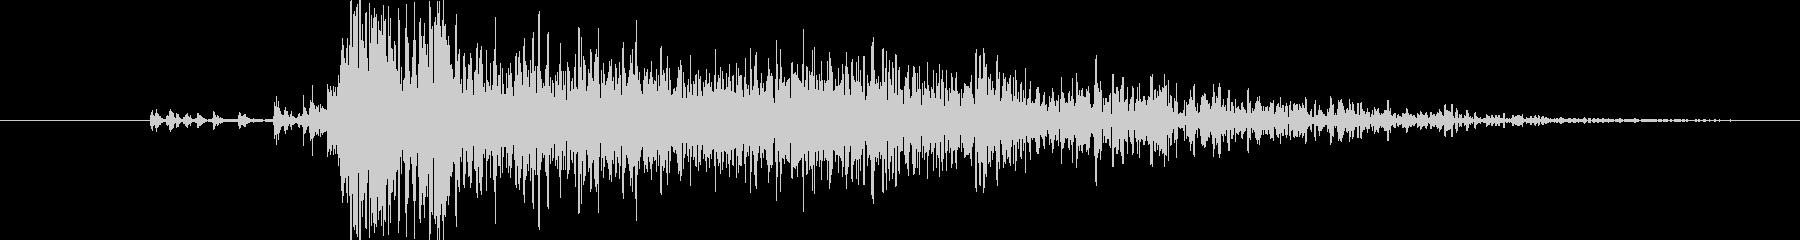 中世 ボウショットファイア03の未再生の波形